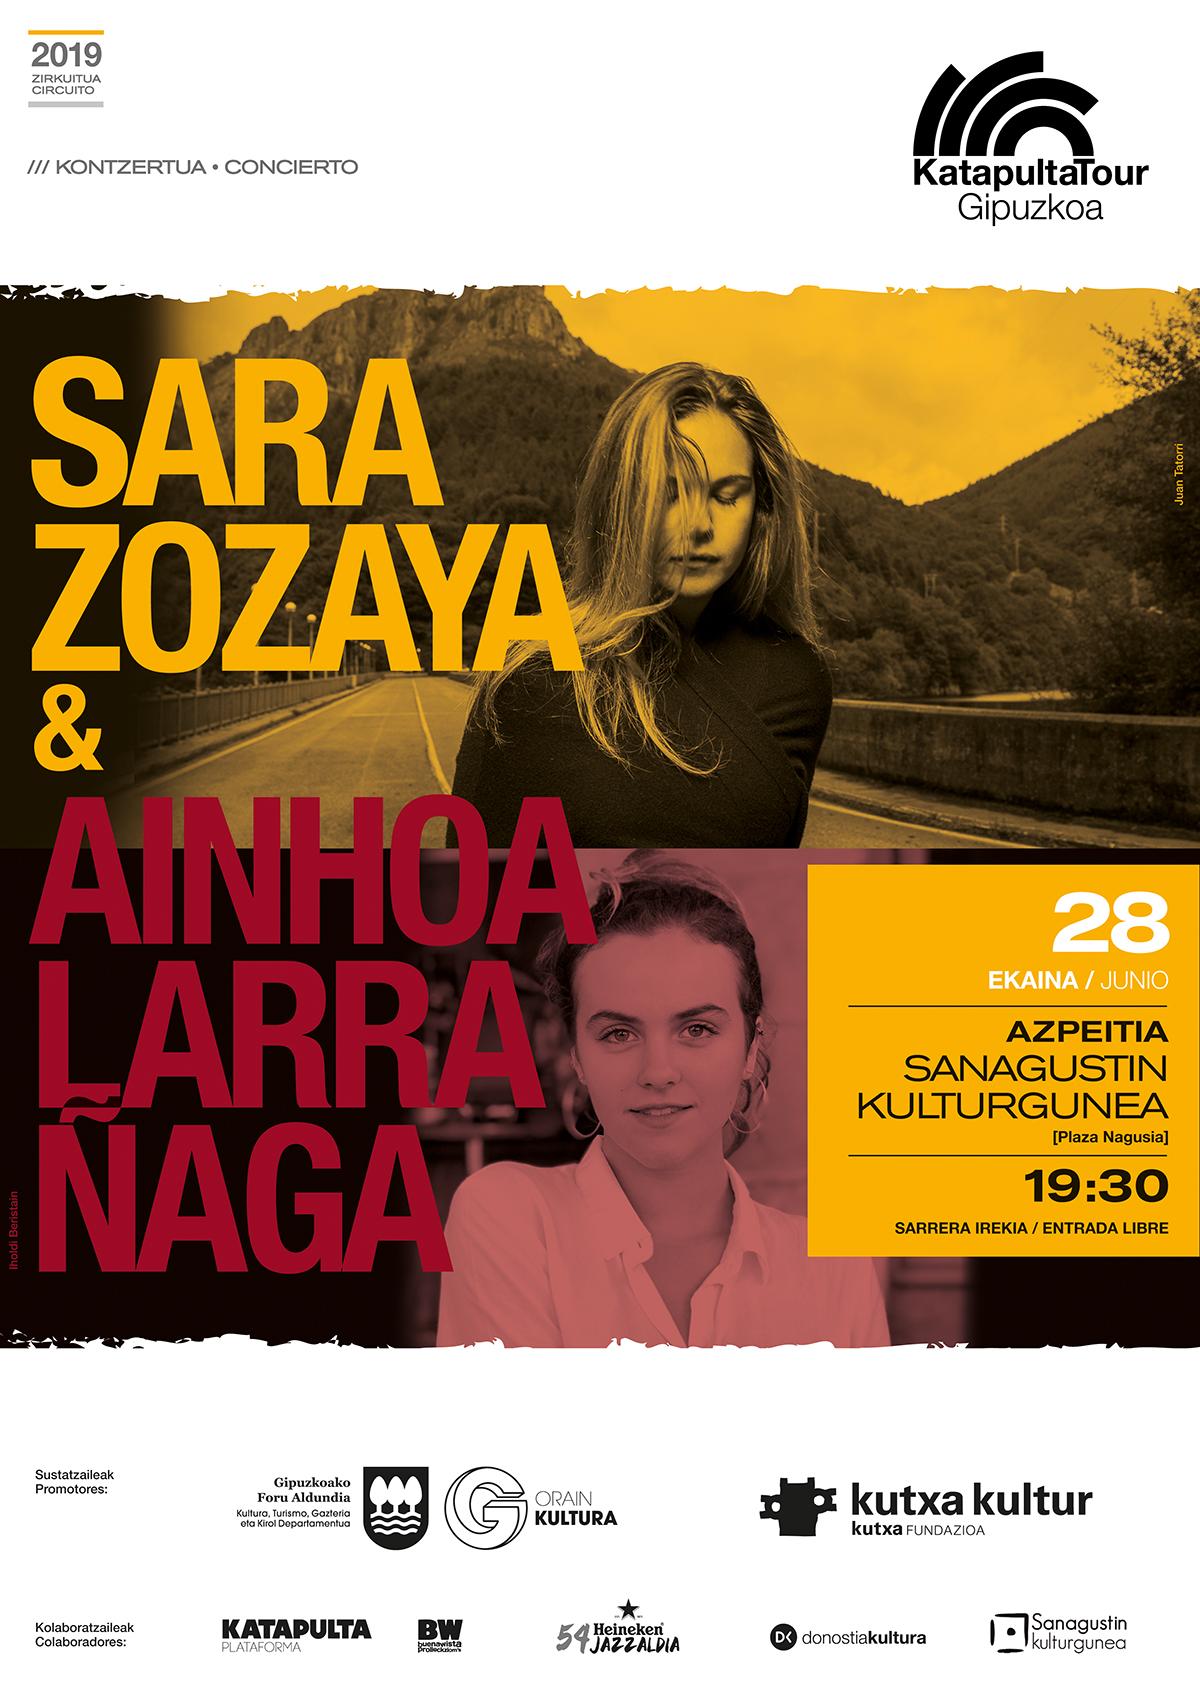 Sara Zozaya + Ainhoa Larrañaga